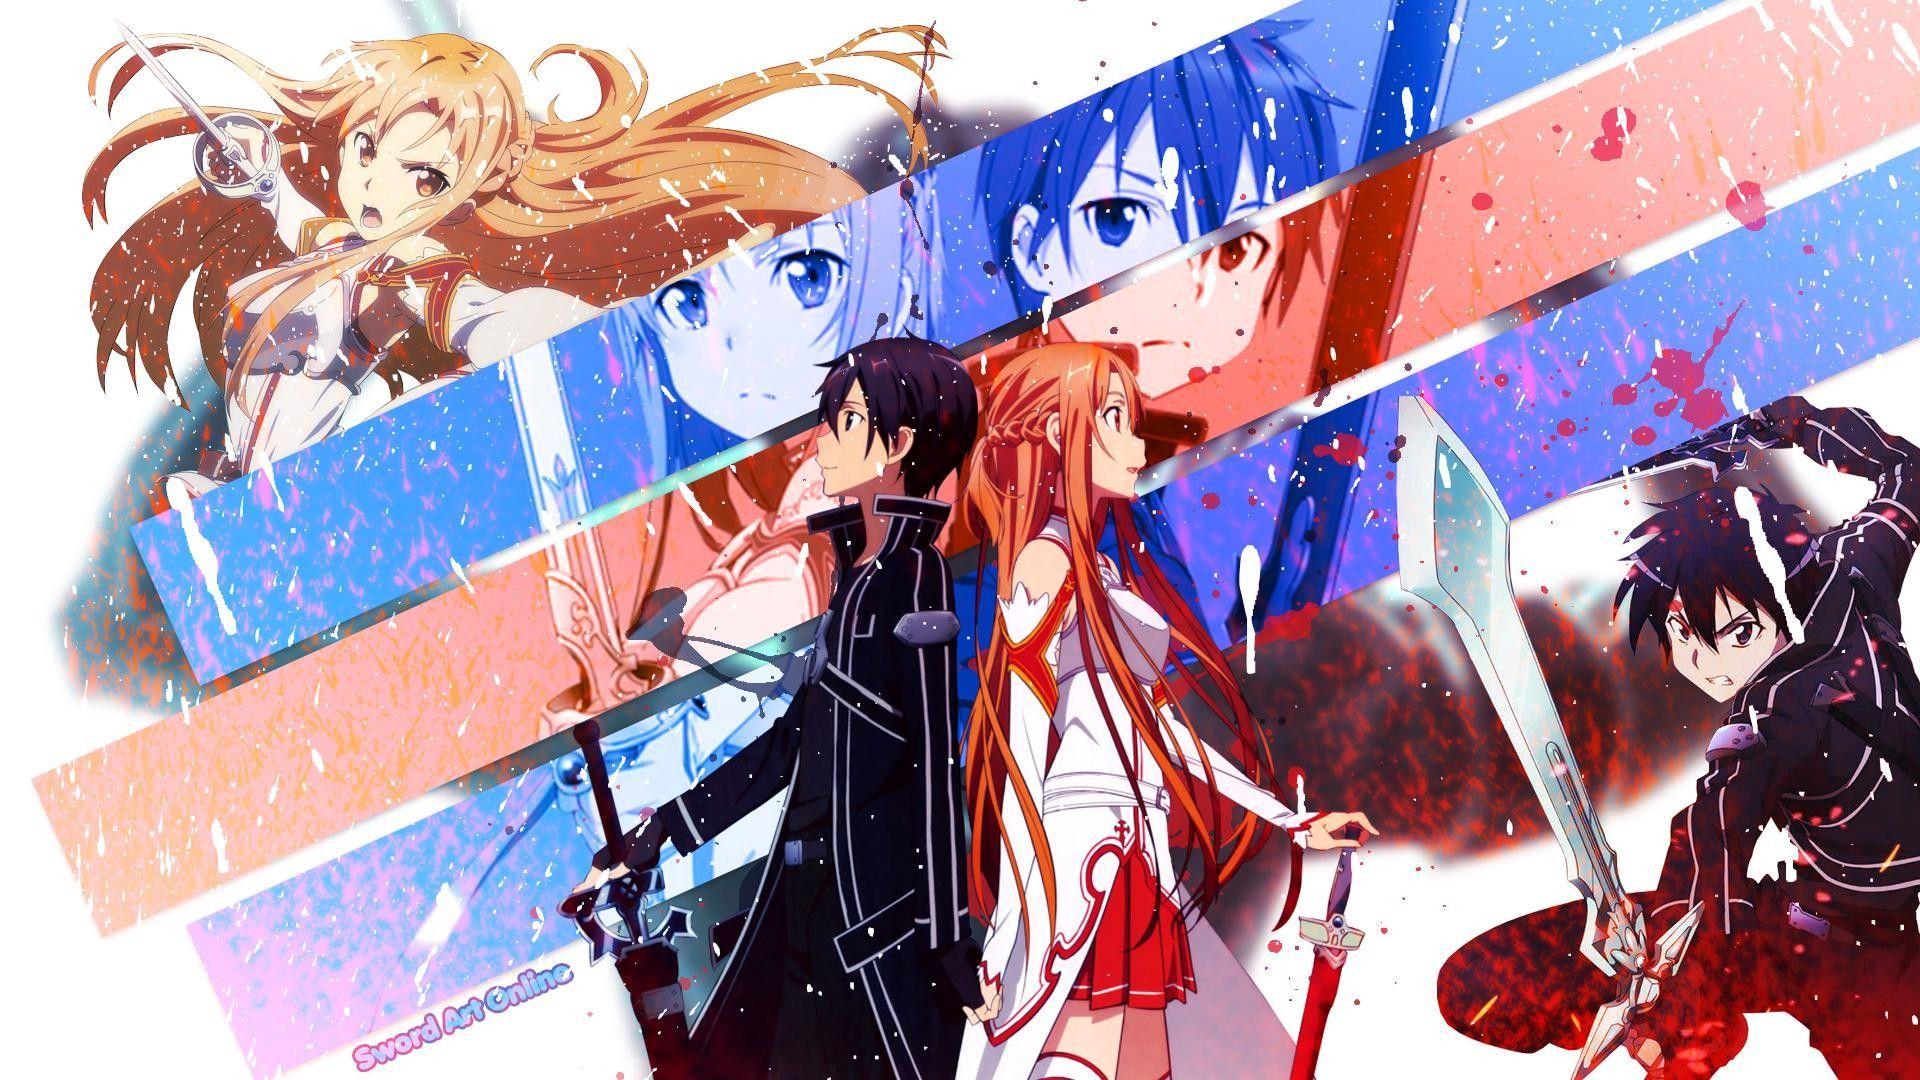 Kirito and Asuna Fairy Sword Art Online HD Wallpaper Just cuz I 1920x1080